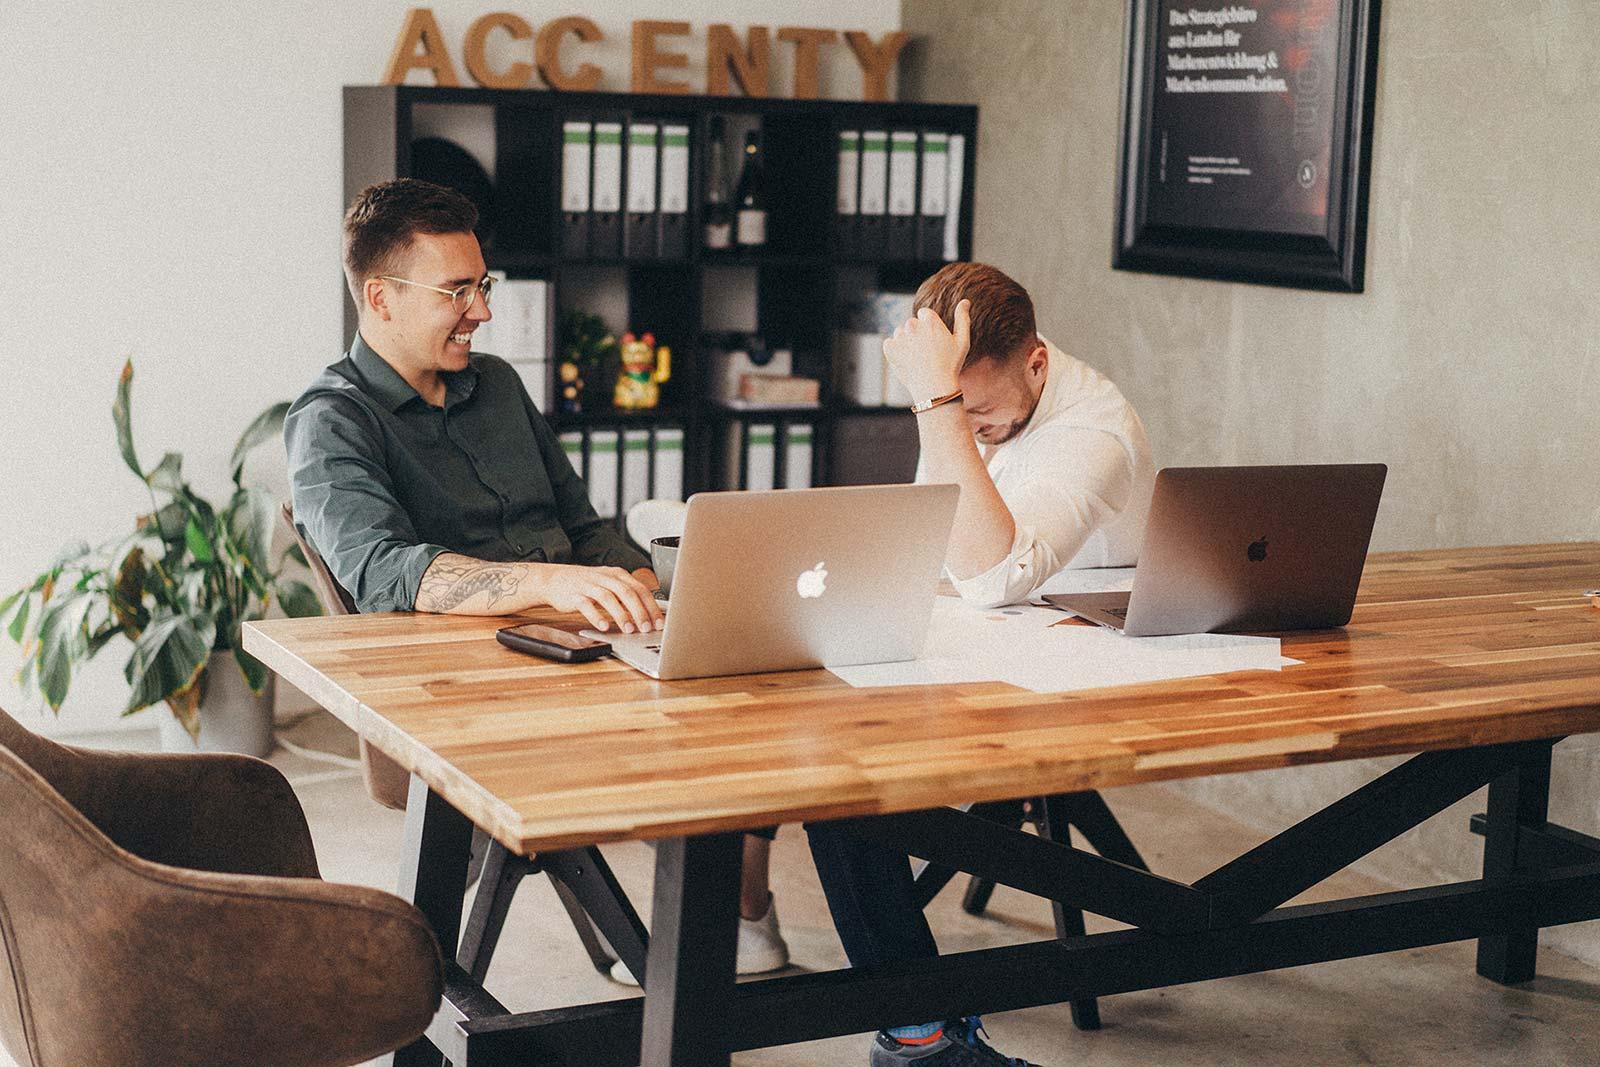 Accenty vereint die Kernkompetenzen einer Werbeagentur mit einer langfristigen Begleitung von Prozessen.